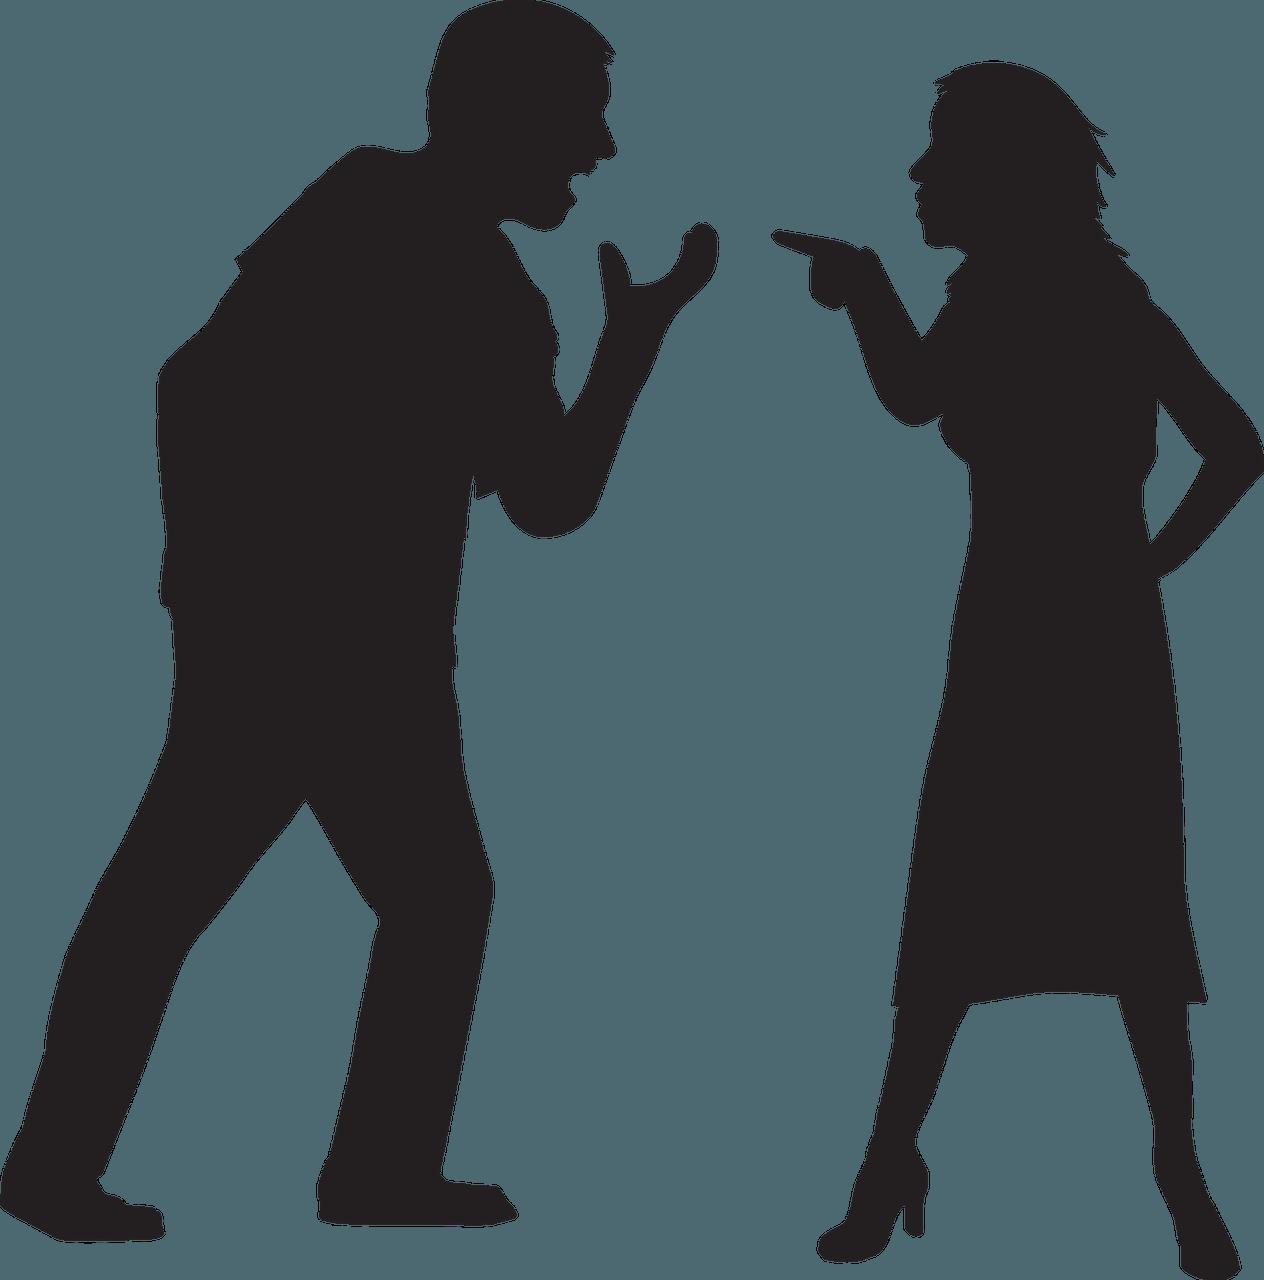 La Nueva Psicopatología (XI): Síndrome de la Pareja que Discute Demasiado